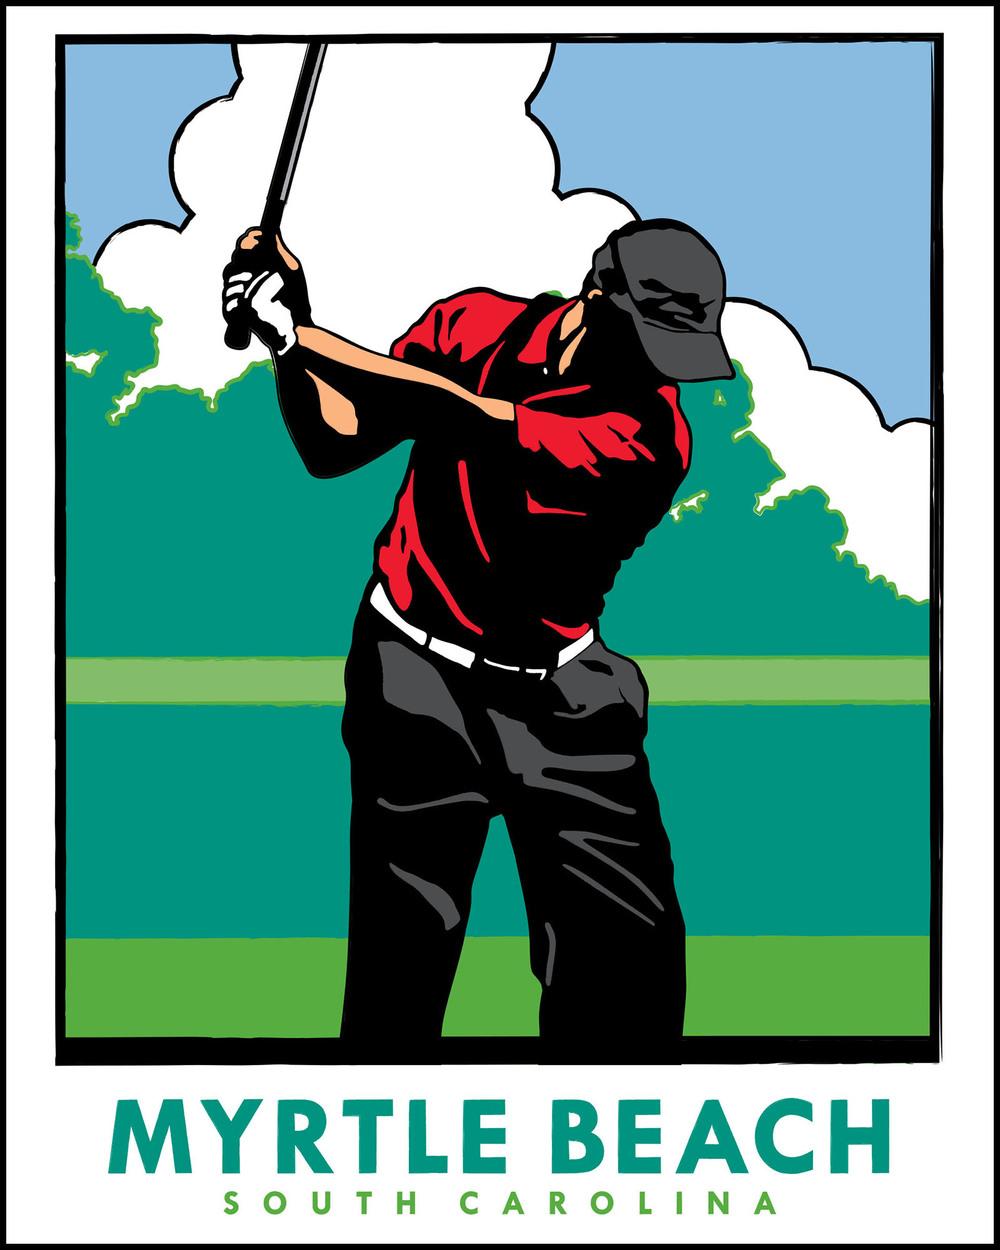 MB golf_16 x 20.jpg